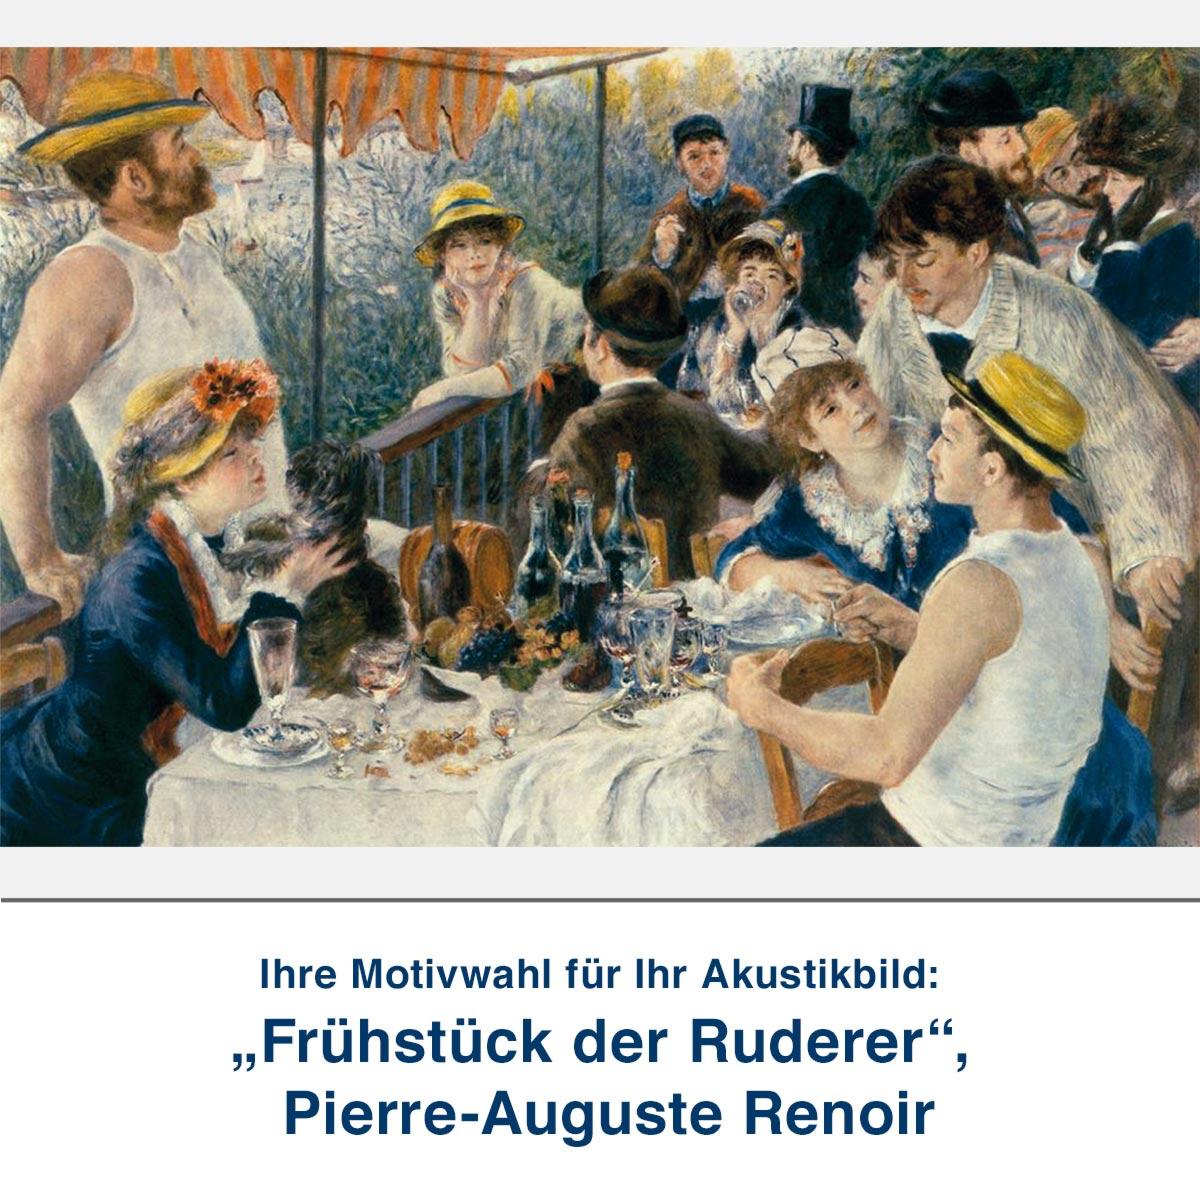 """Akustikbild """"Frühstück der Ruderer"""", Pierre-Auguste Renoir"""